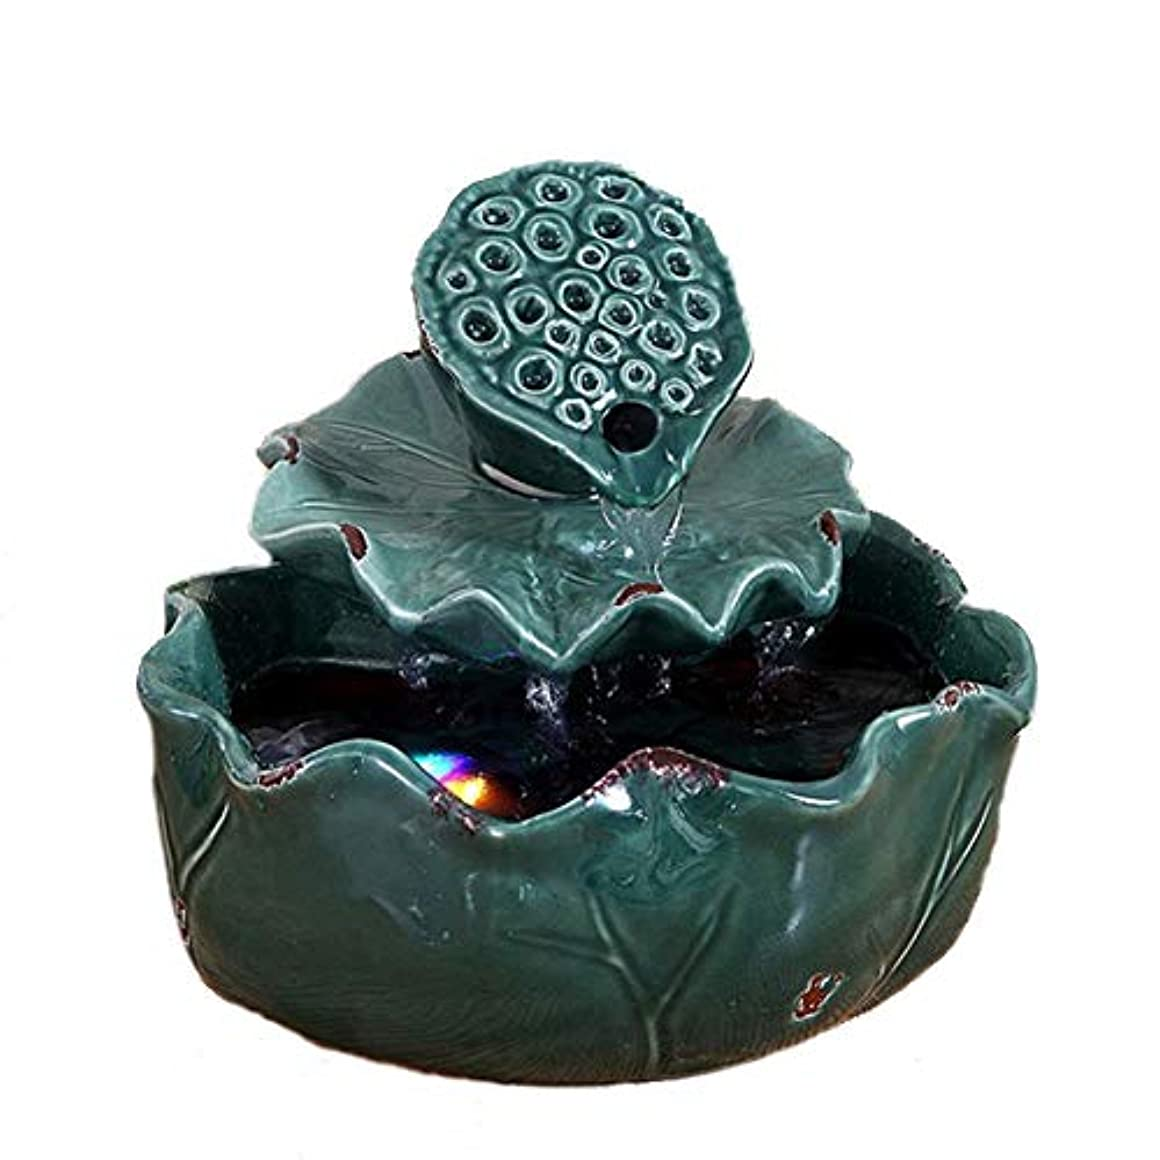 劇作家スナッチ壊滅的な空気加湿器クリエイティブロータス卓上装飾装飾セラミック工芸絶妙なギフト